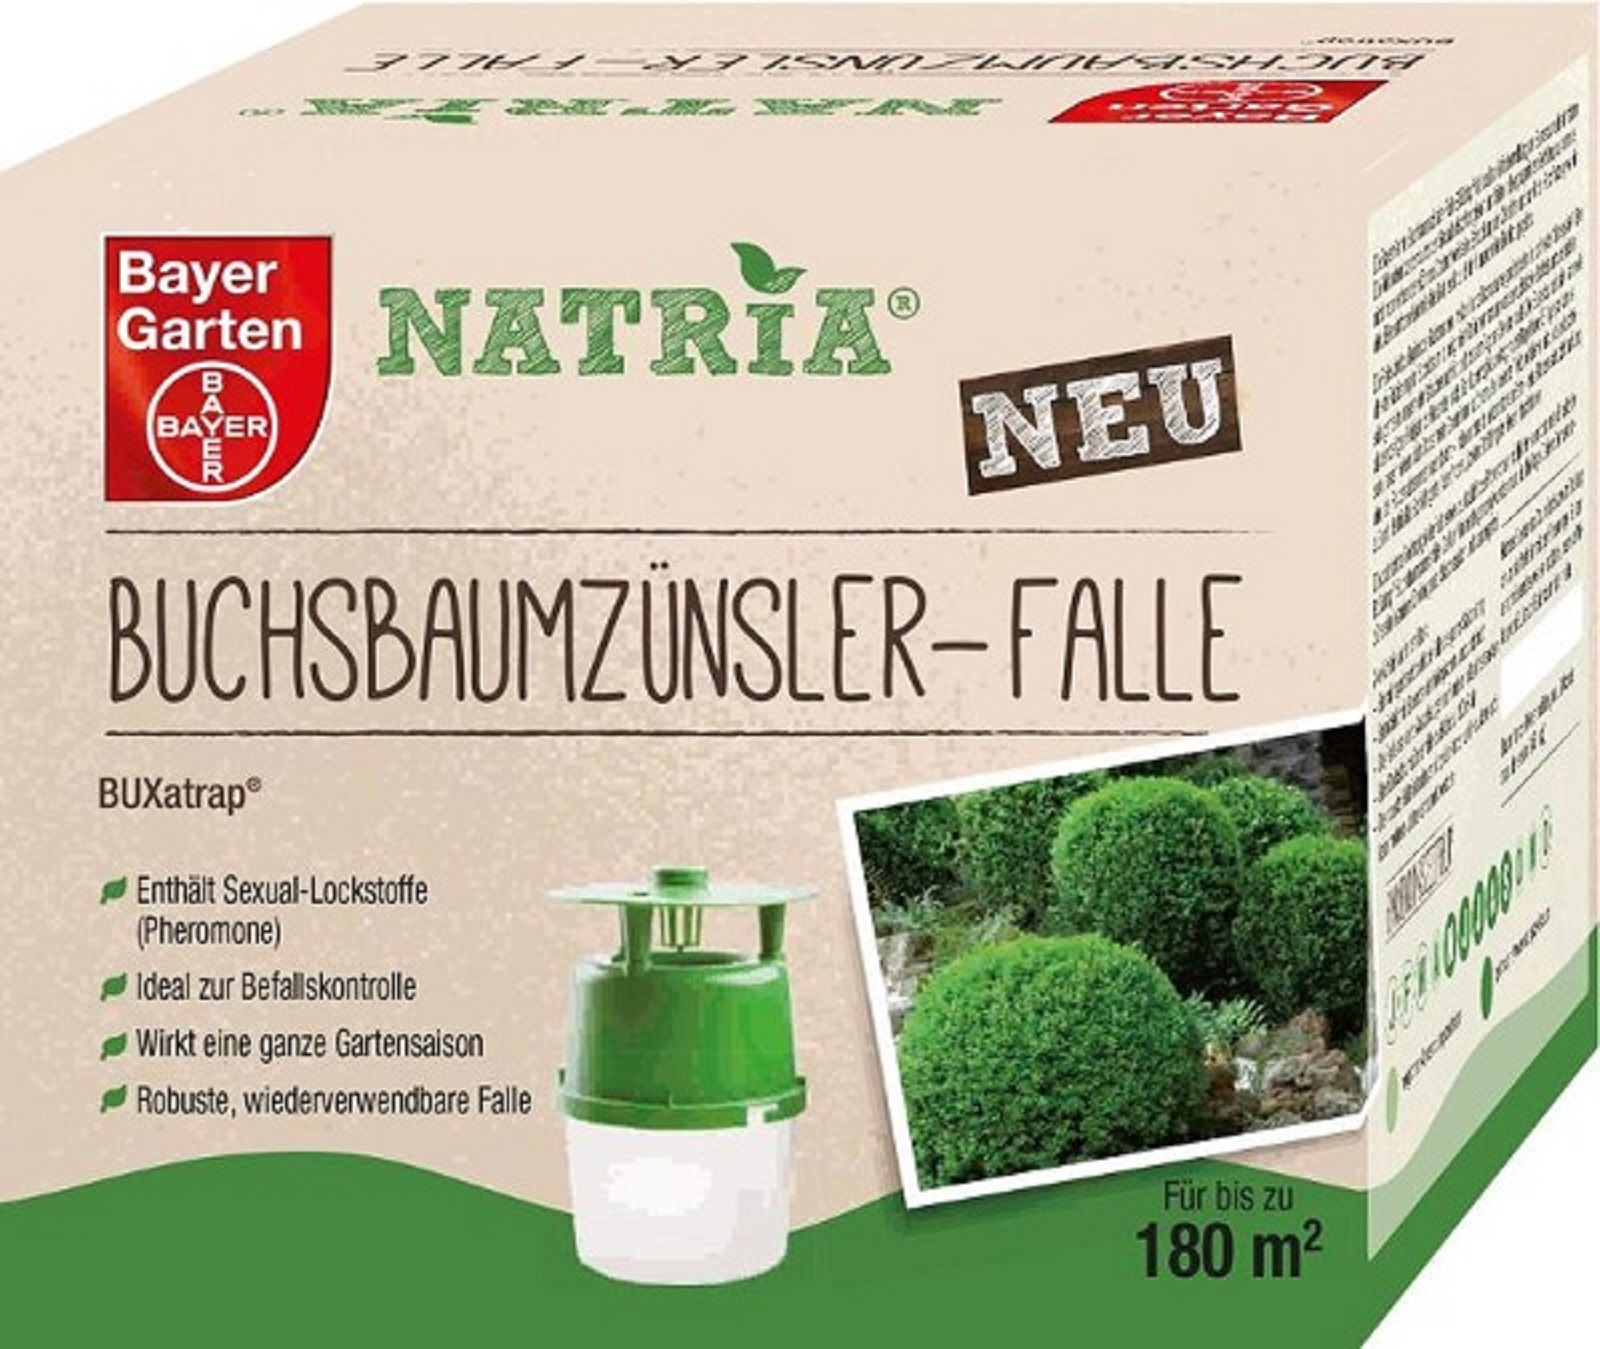 Bayer Buchsbaumzünzlerfalle